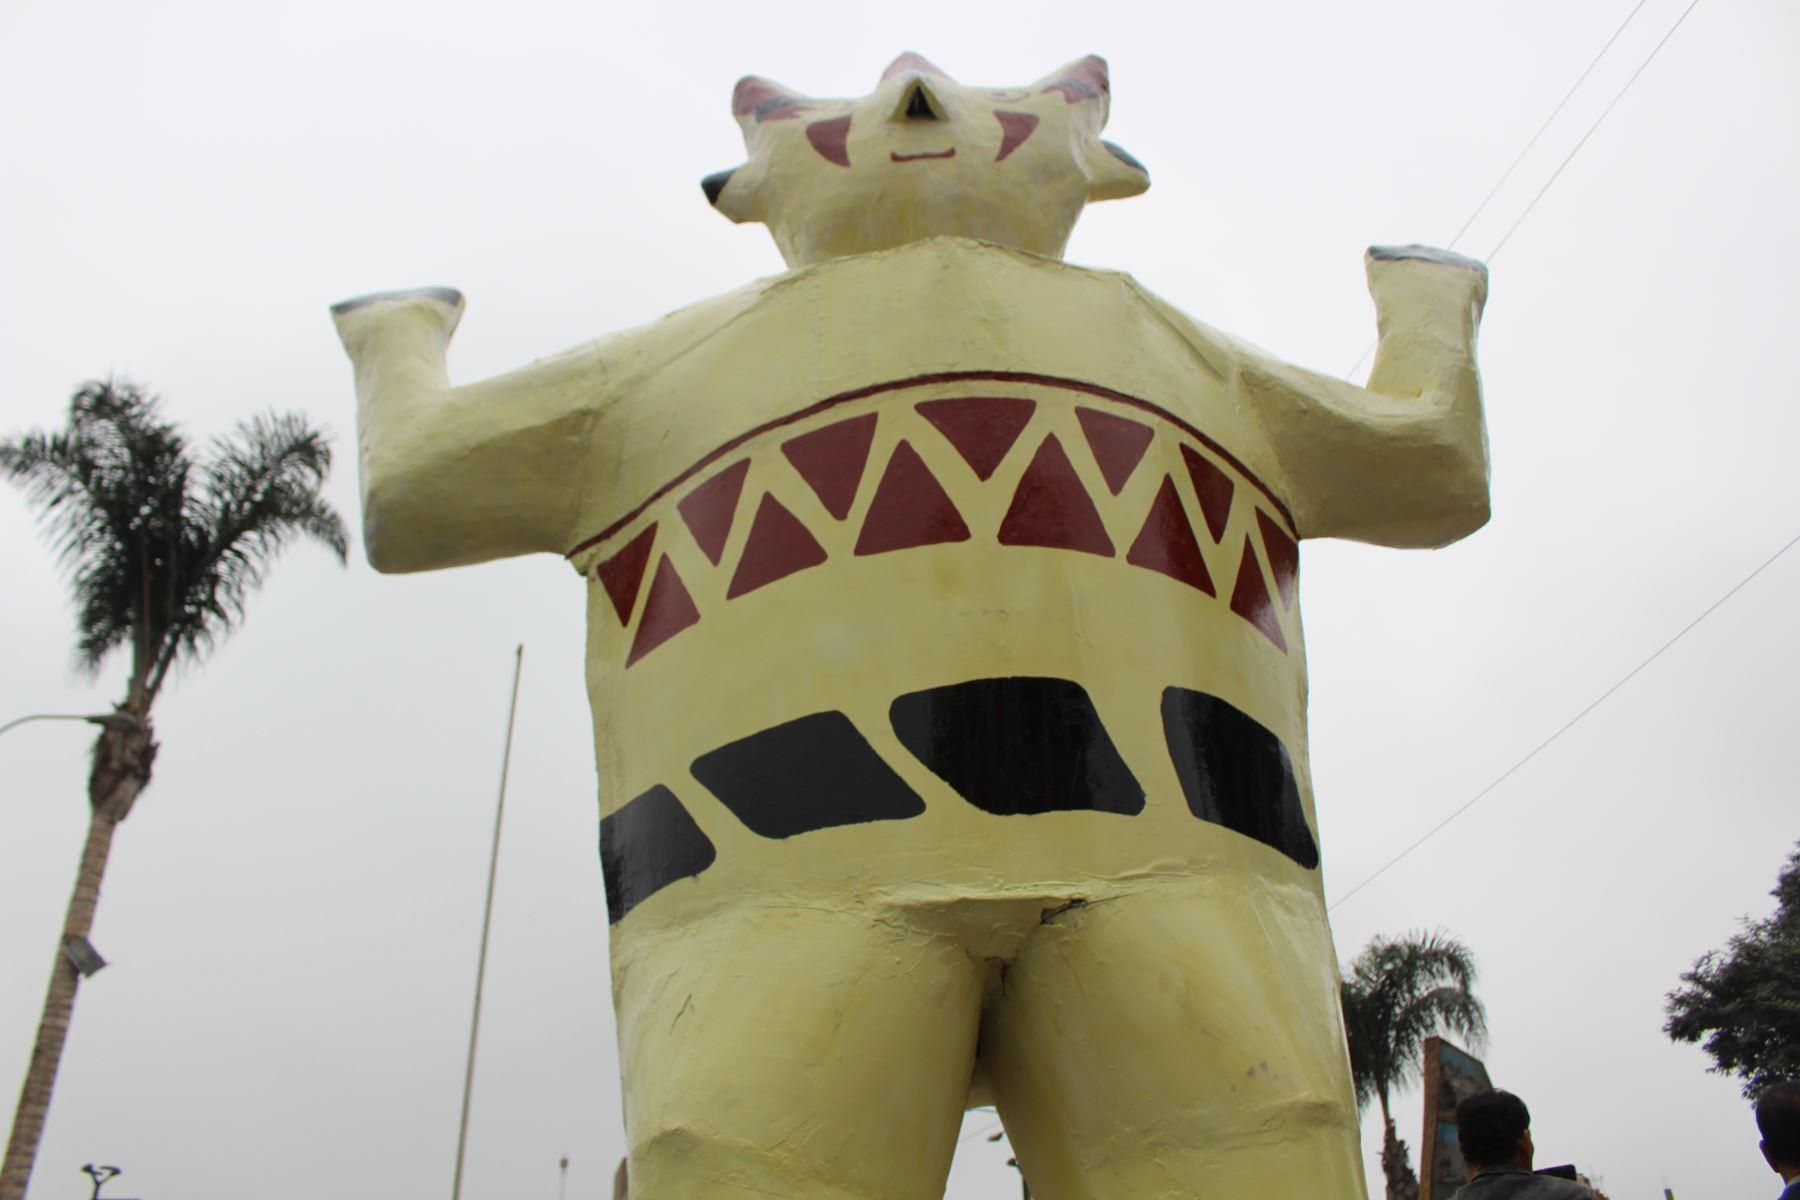 Un cuchimilco de 5 metros de alto, el más grande del país, fue inaugurado en la ciudad de Huaral. Foto: ANDINA/Difusión